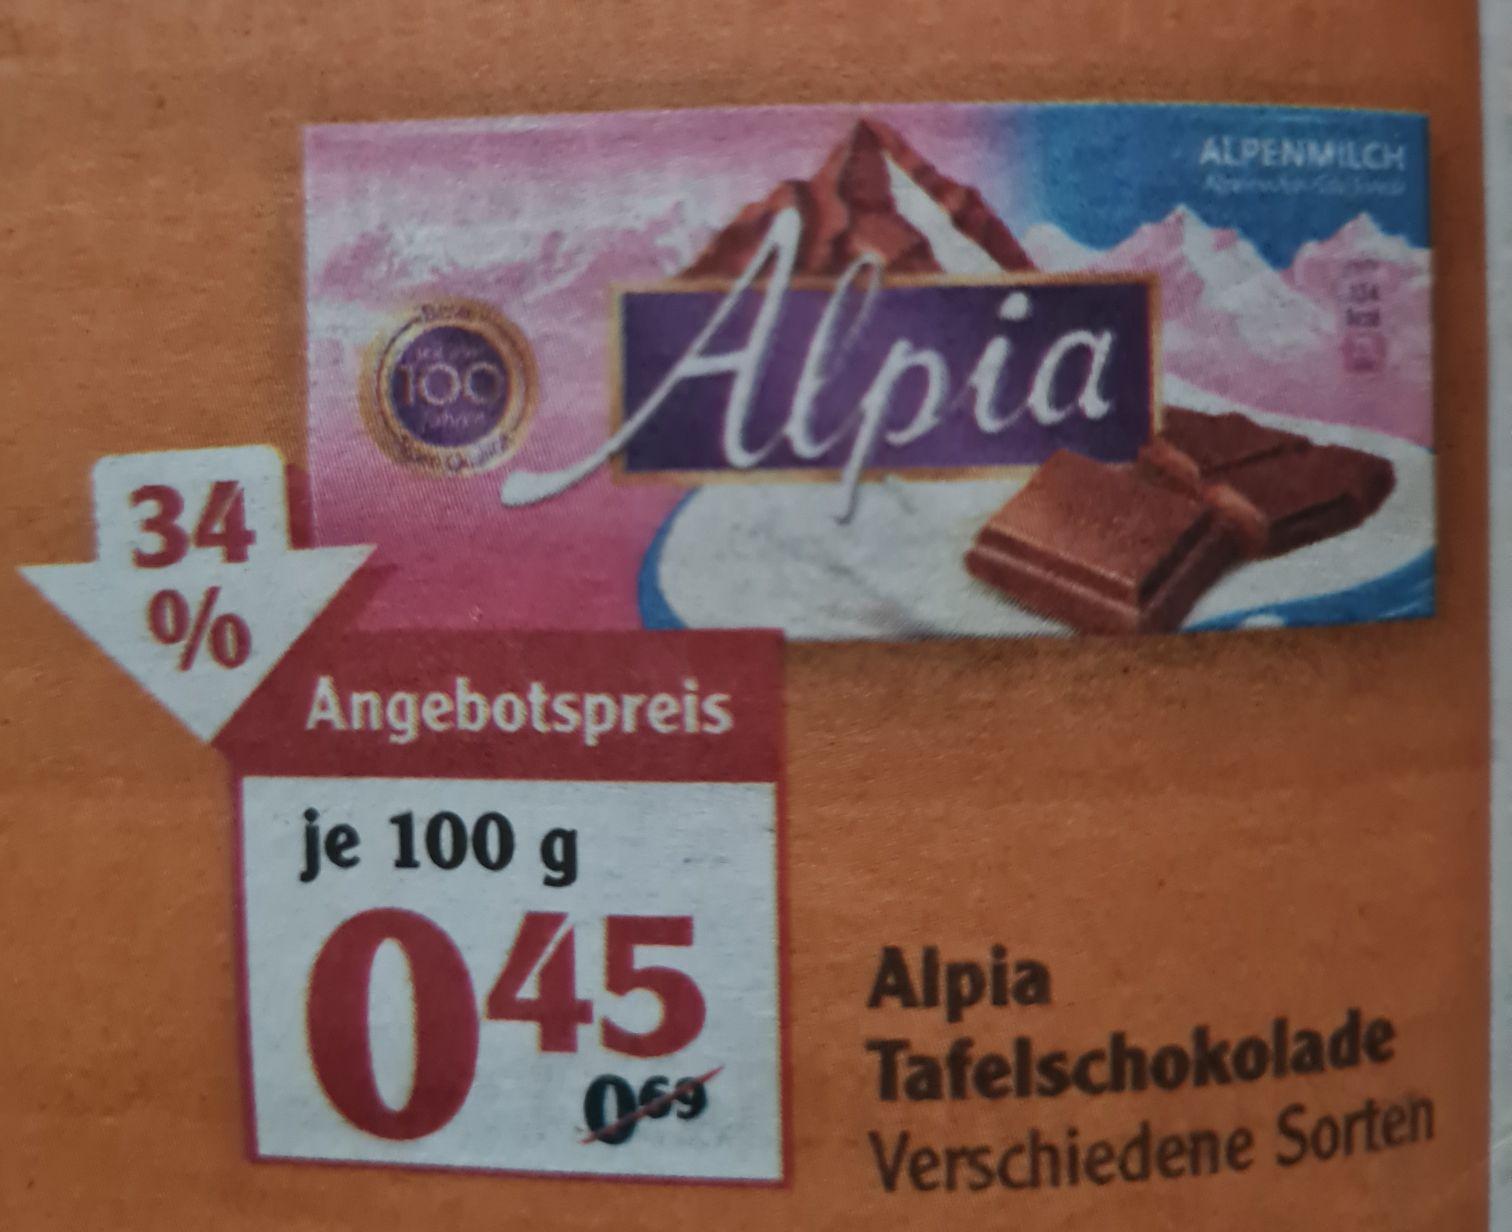 Alpia Tafelschokolade 100 g verschiedene Sorten UND Merci Finest Selection 400 g für 4,79€ statt 5,99€ ab 03.05 Globus